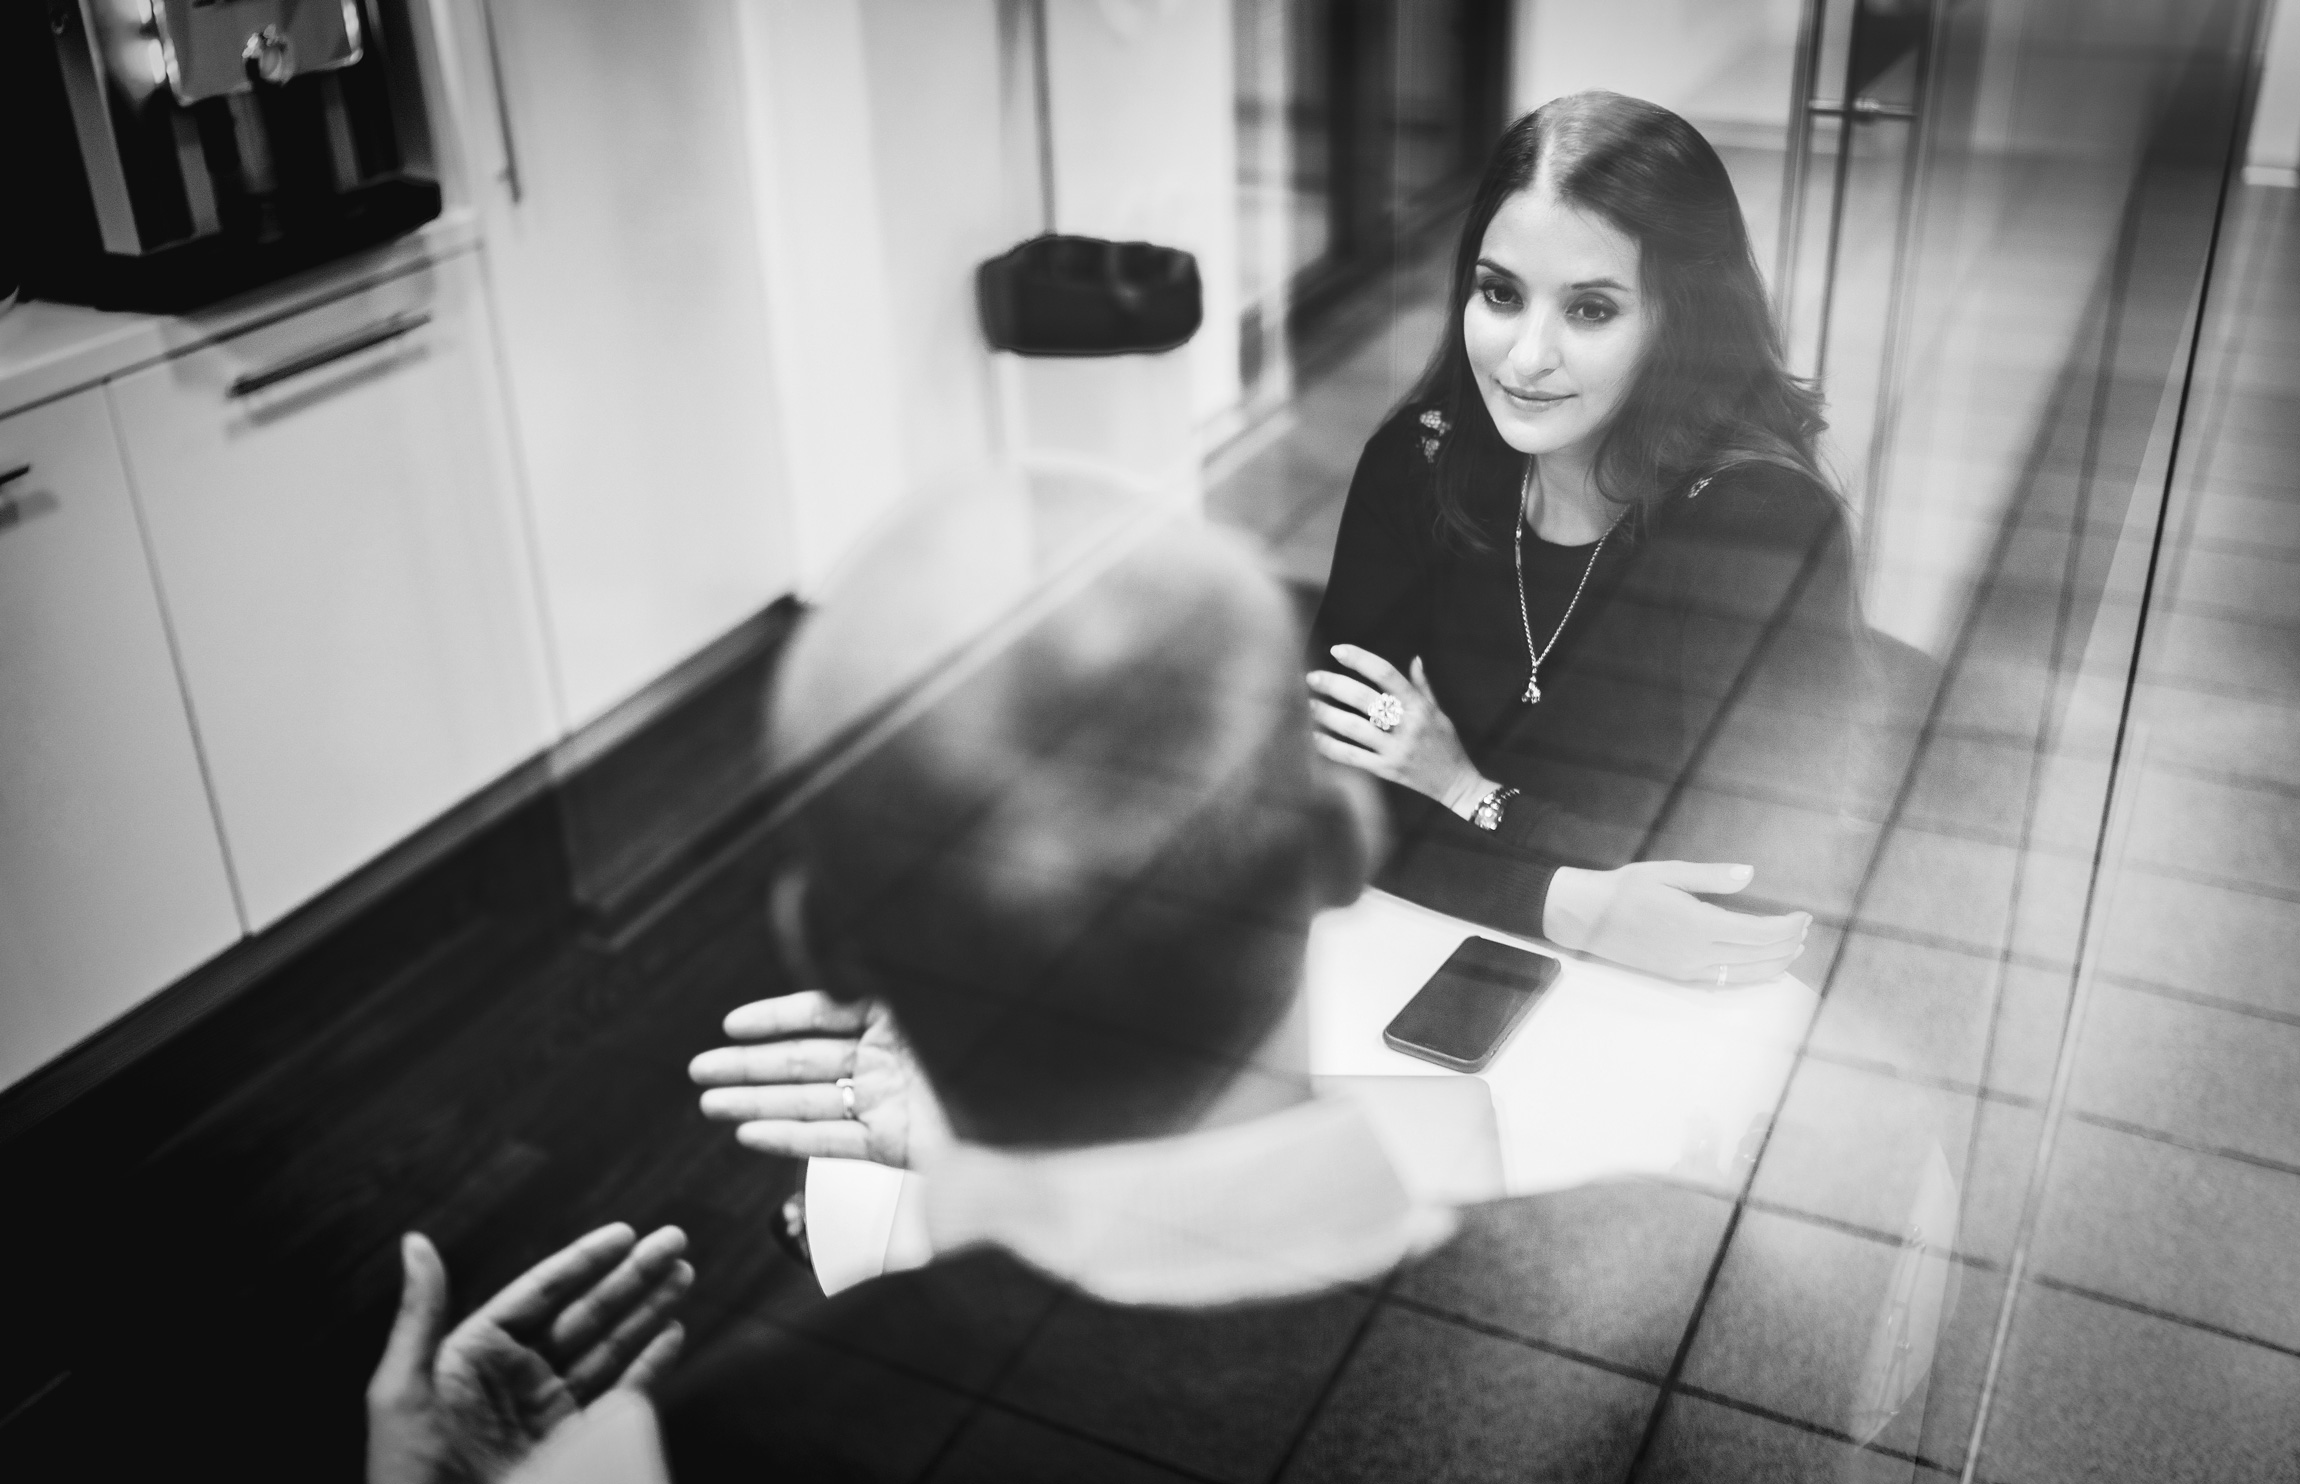 inbound marketing intervju med säljare kring frågor köpare ställer